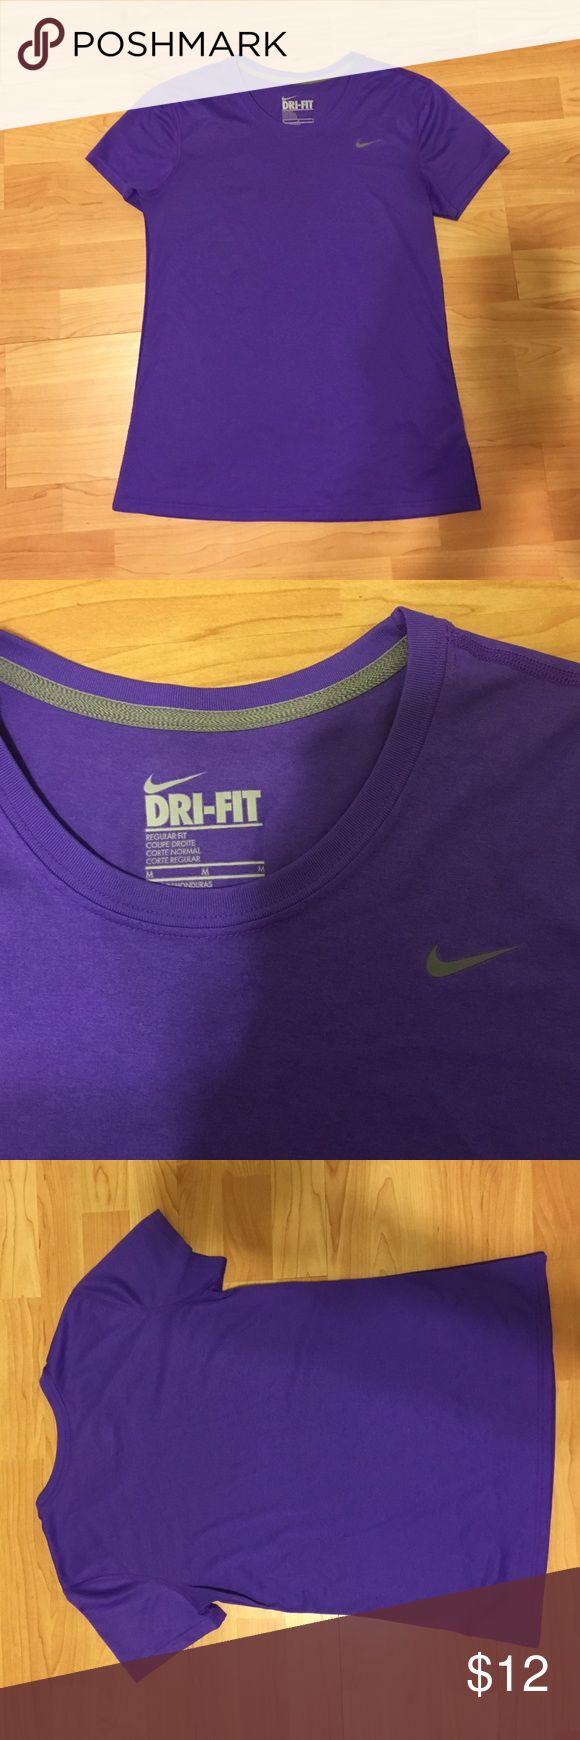 Nike dri-fit, regular cut, purple tee, M Nike dri-fit, regular cut, purple tee, M. No flaws, barely worn. Nike Tops Tees - Short Sleeve